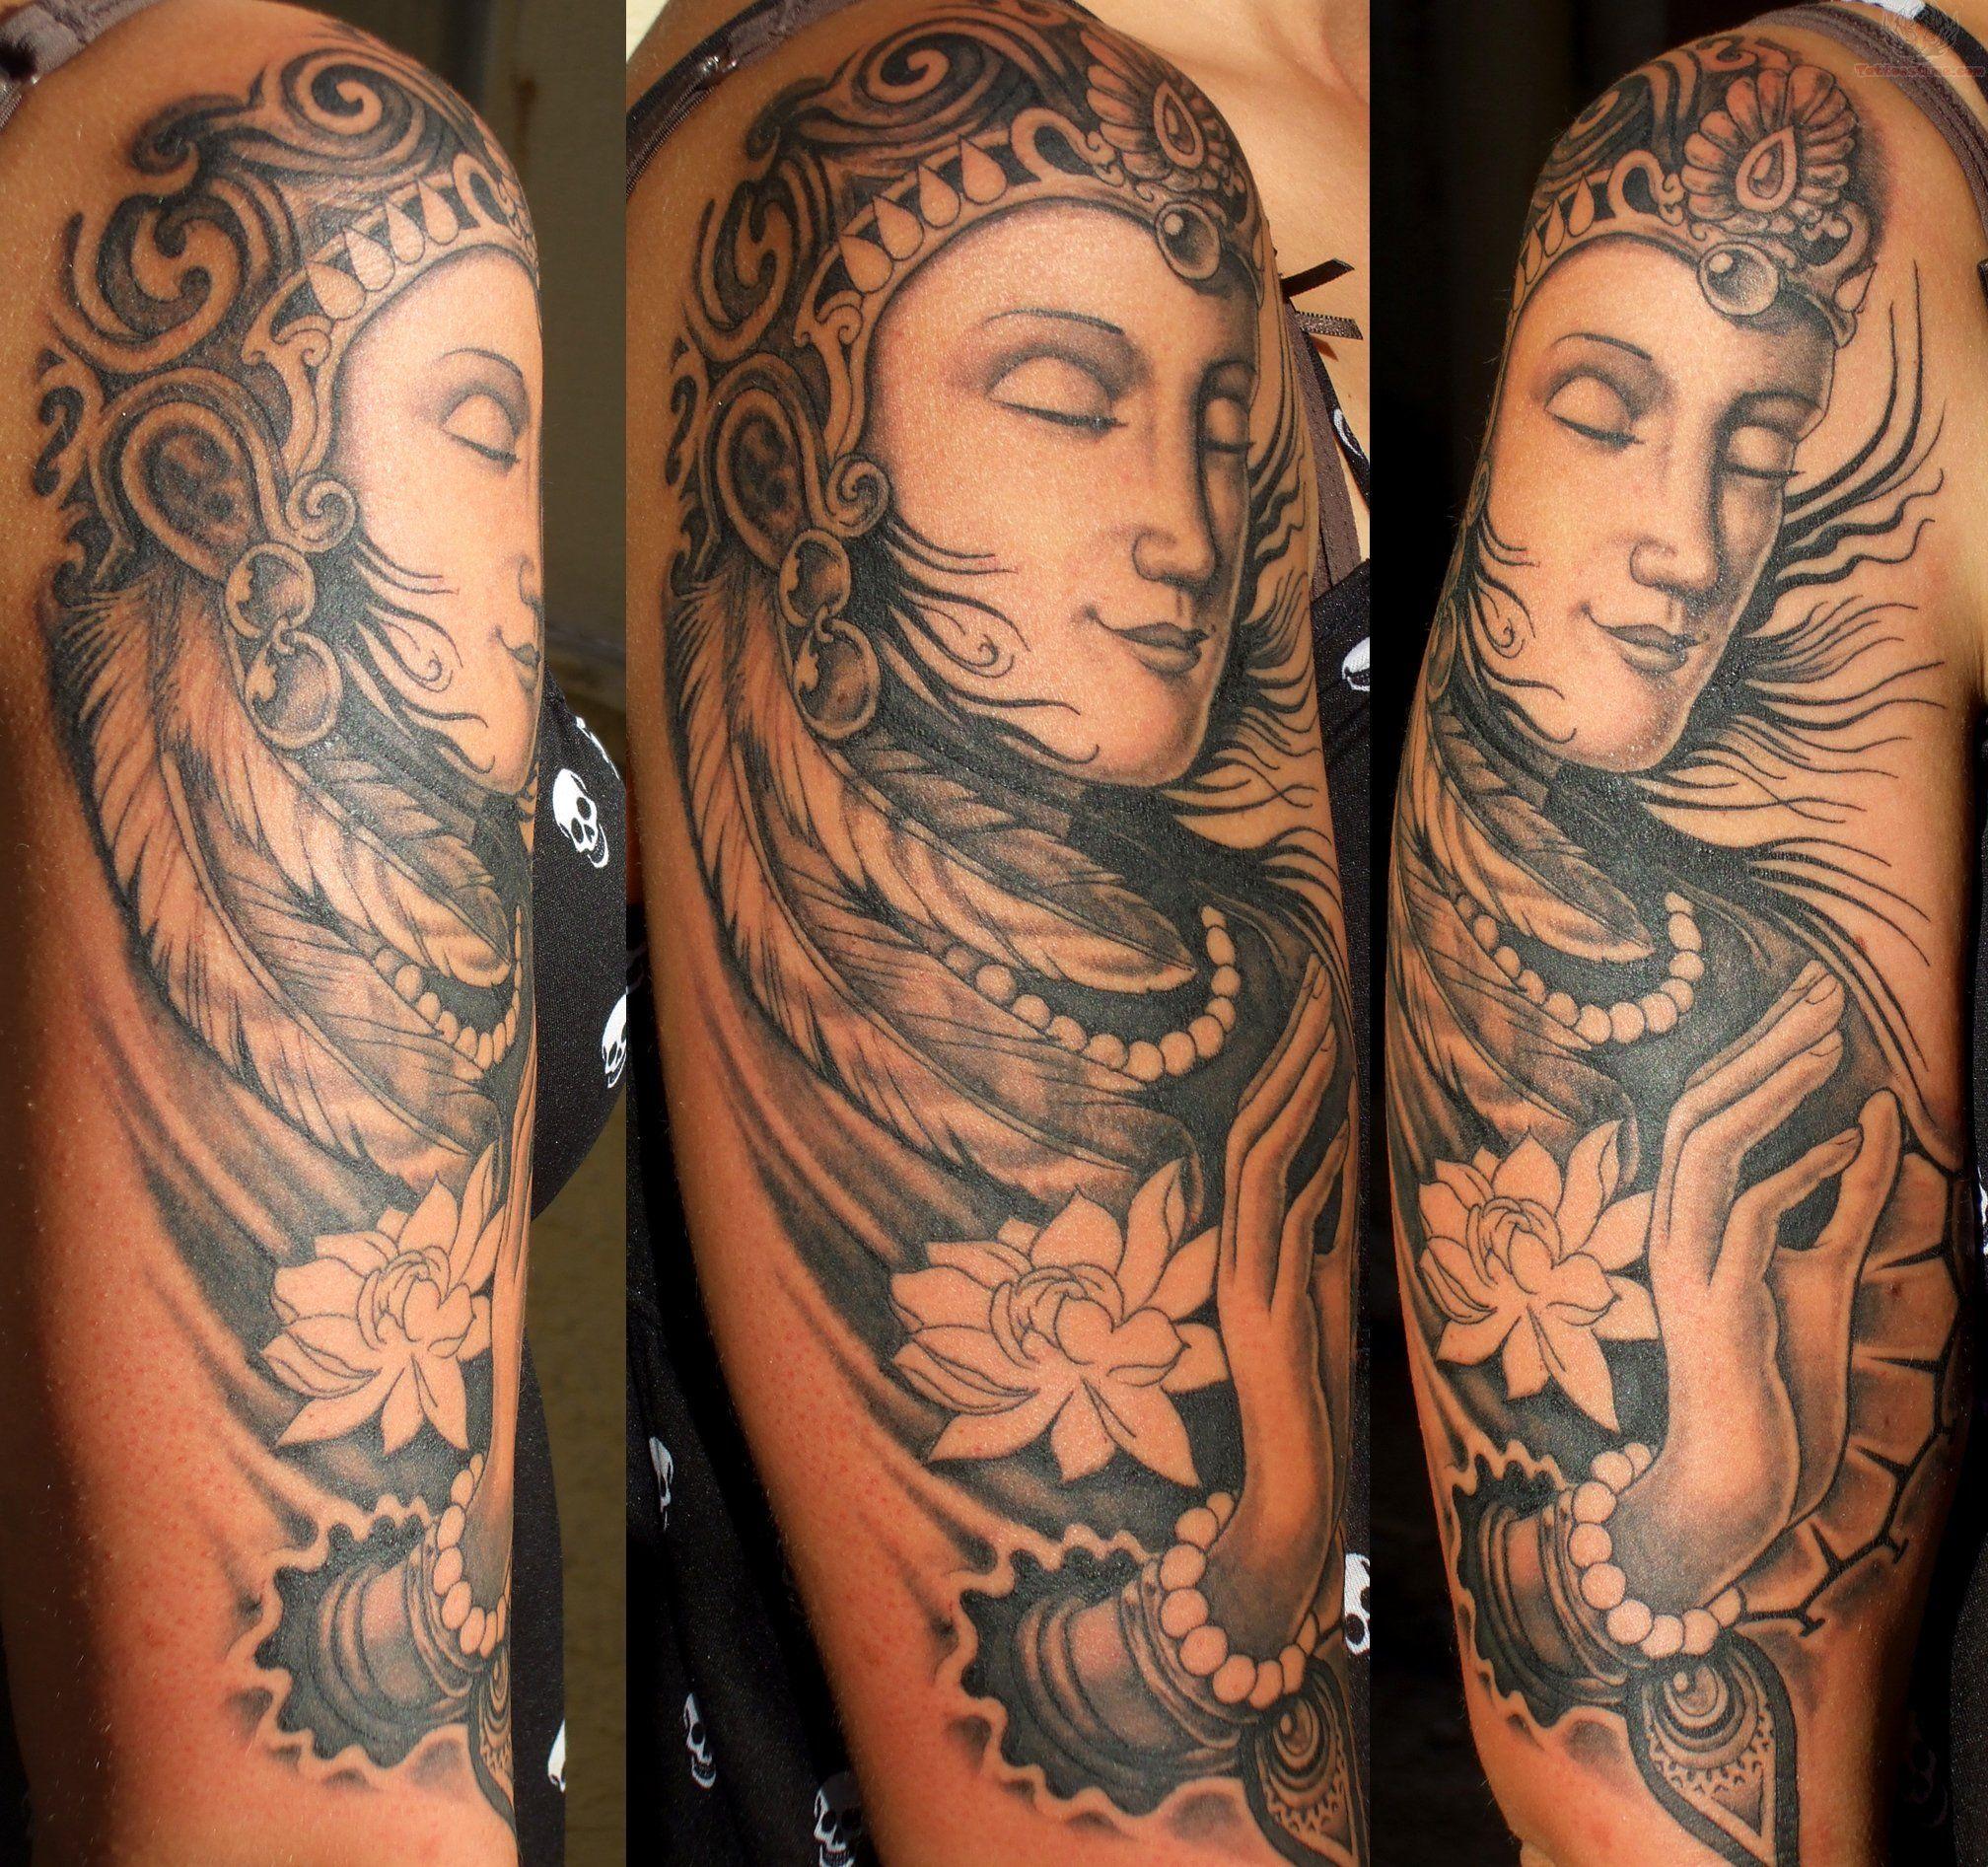 Japanese half sleeve tattoo designs - Tattoos Japanese Sleeve Tattoos Designs And Ideas